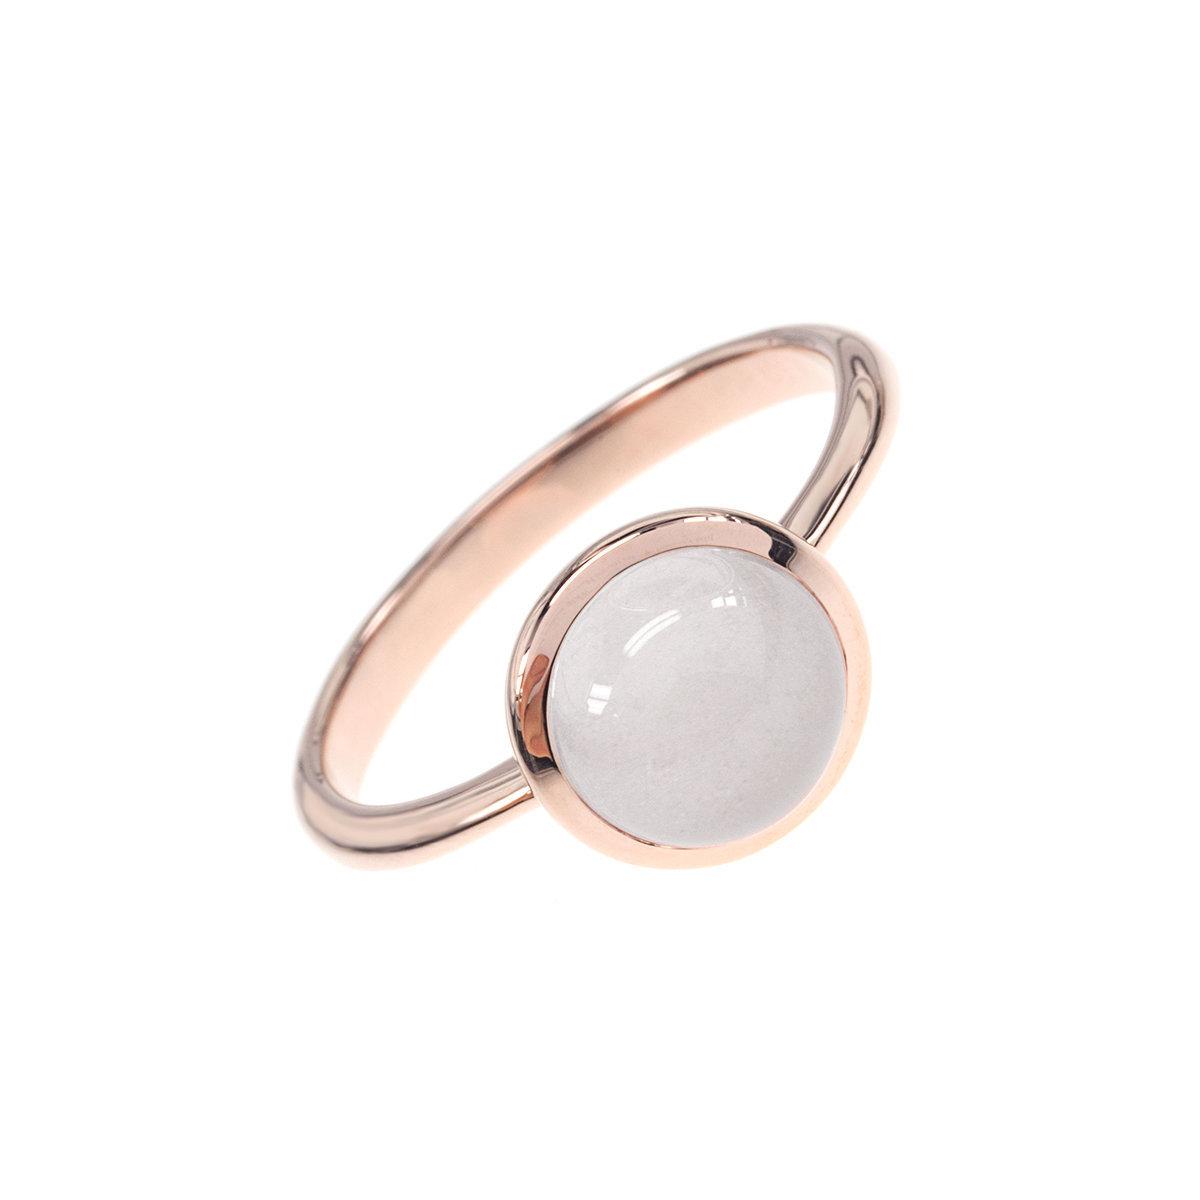 幸運石系列-玫瑰金色925銀鑲白瑪瑙戒指